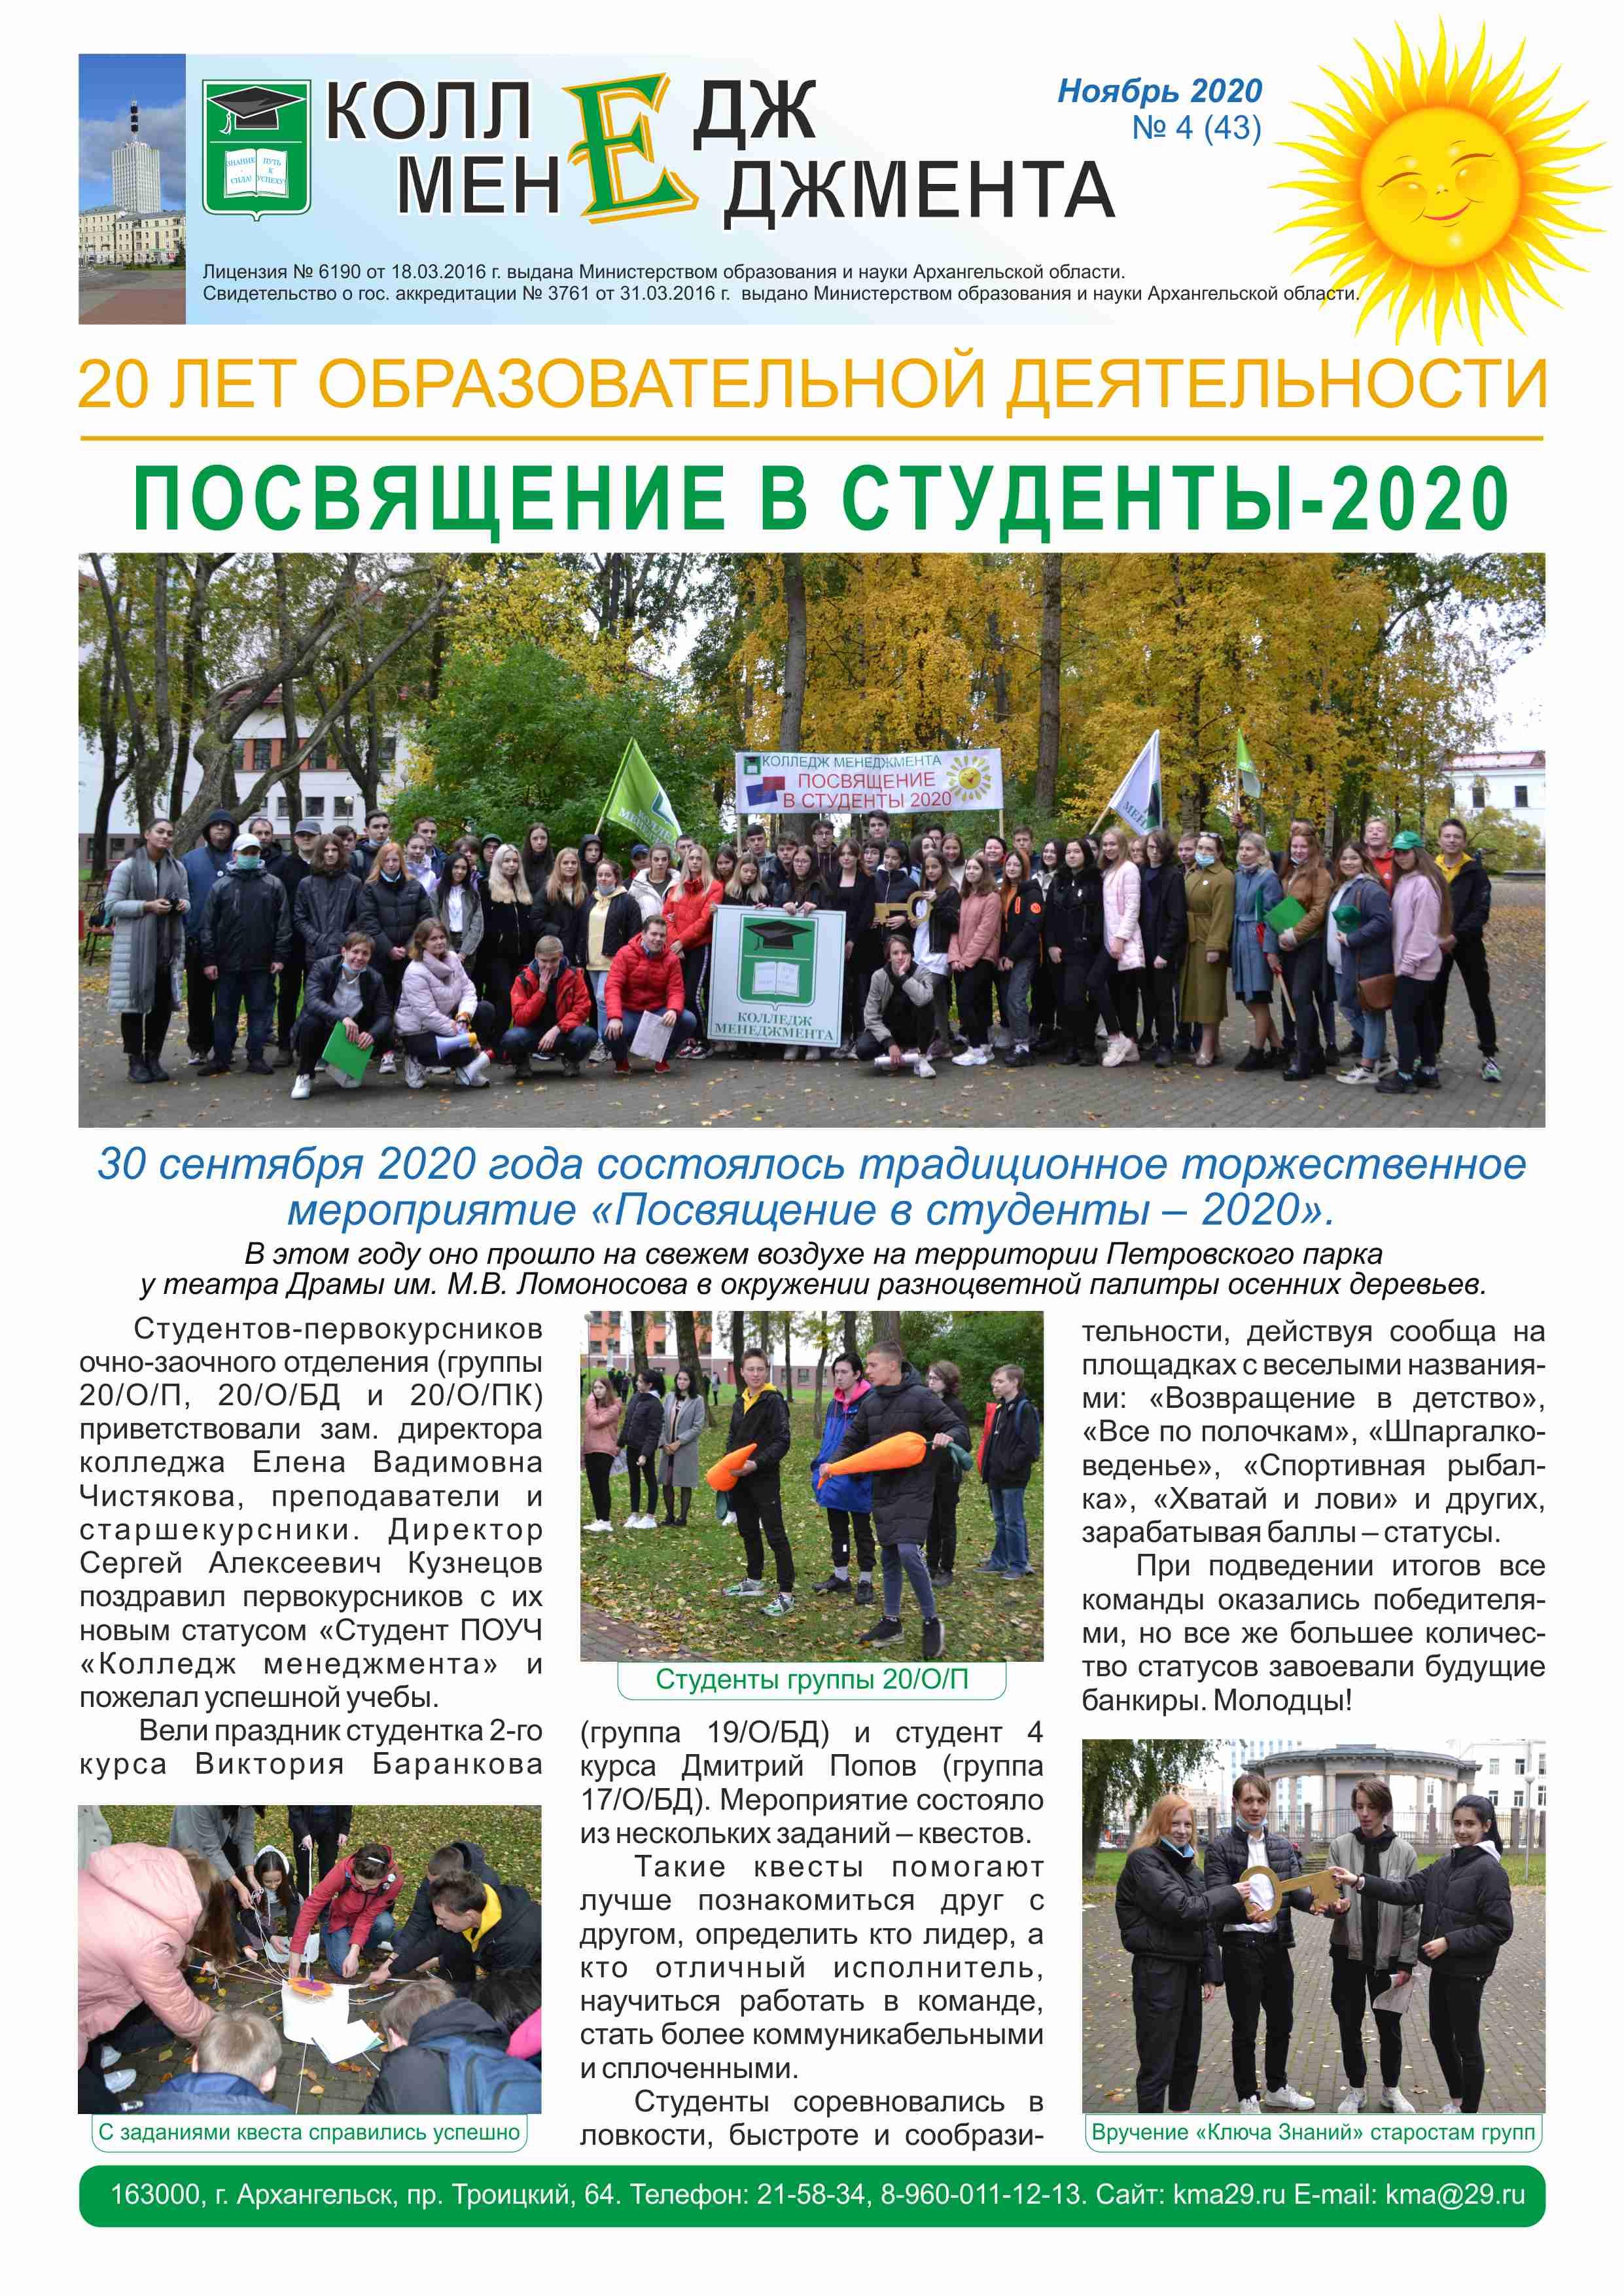 """Газета """"Колледж менеджмента"""", ноябрь 2020 г."""